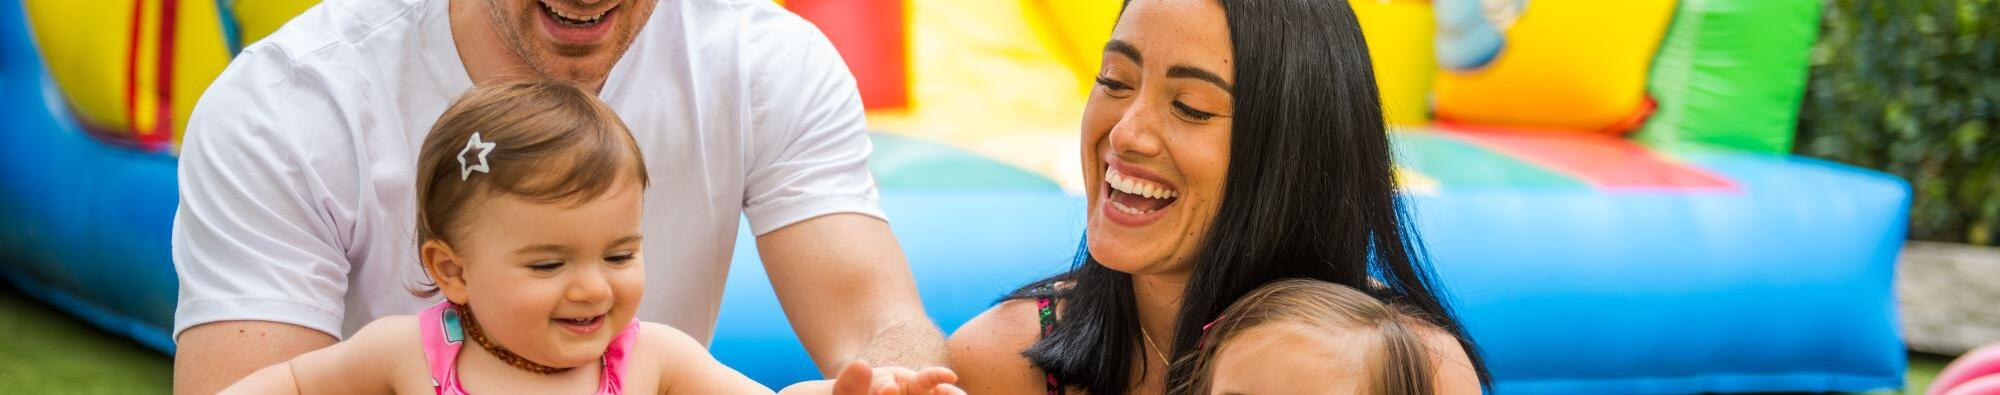 Offerta LOW COST: saluta l'estate con tutta la famiglia, divertiti in riva al mare!